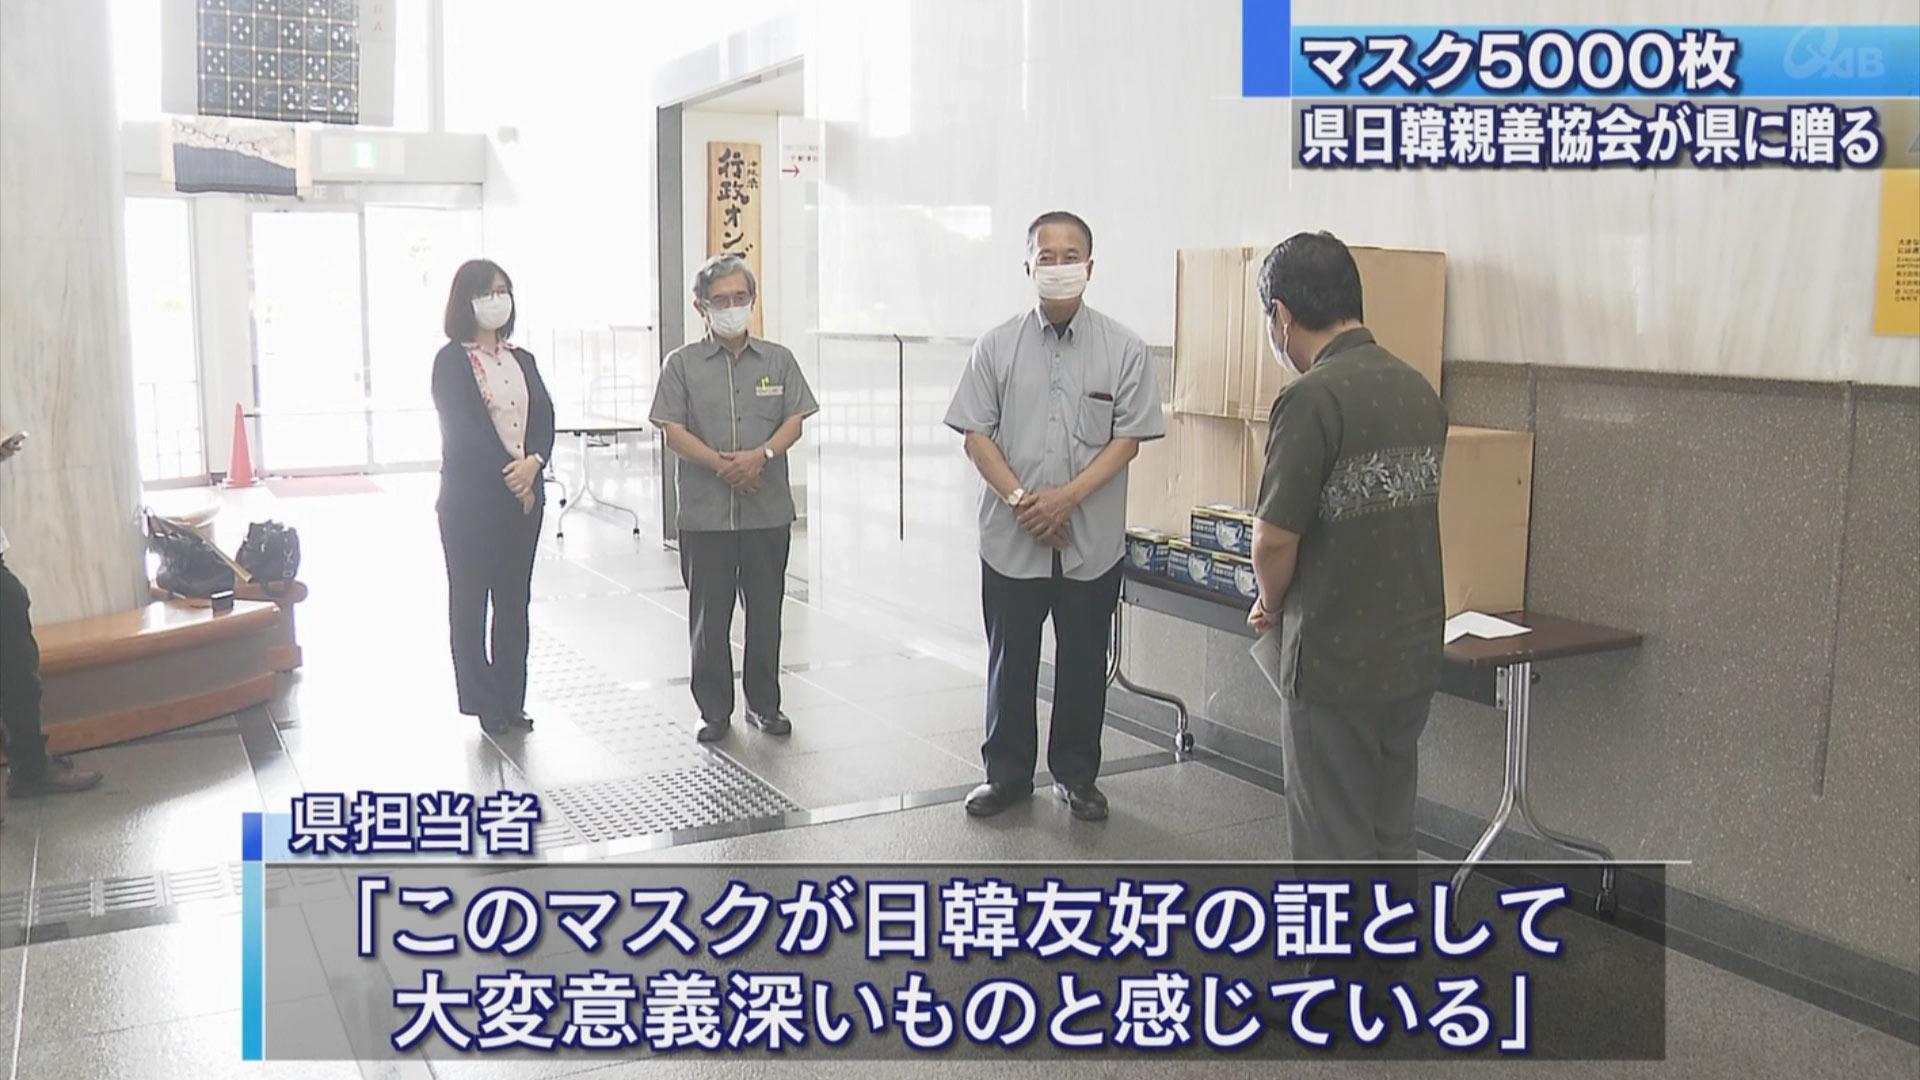 マスク5000枚 日韓親善協会が県に贈る